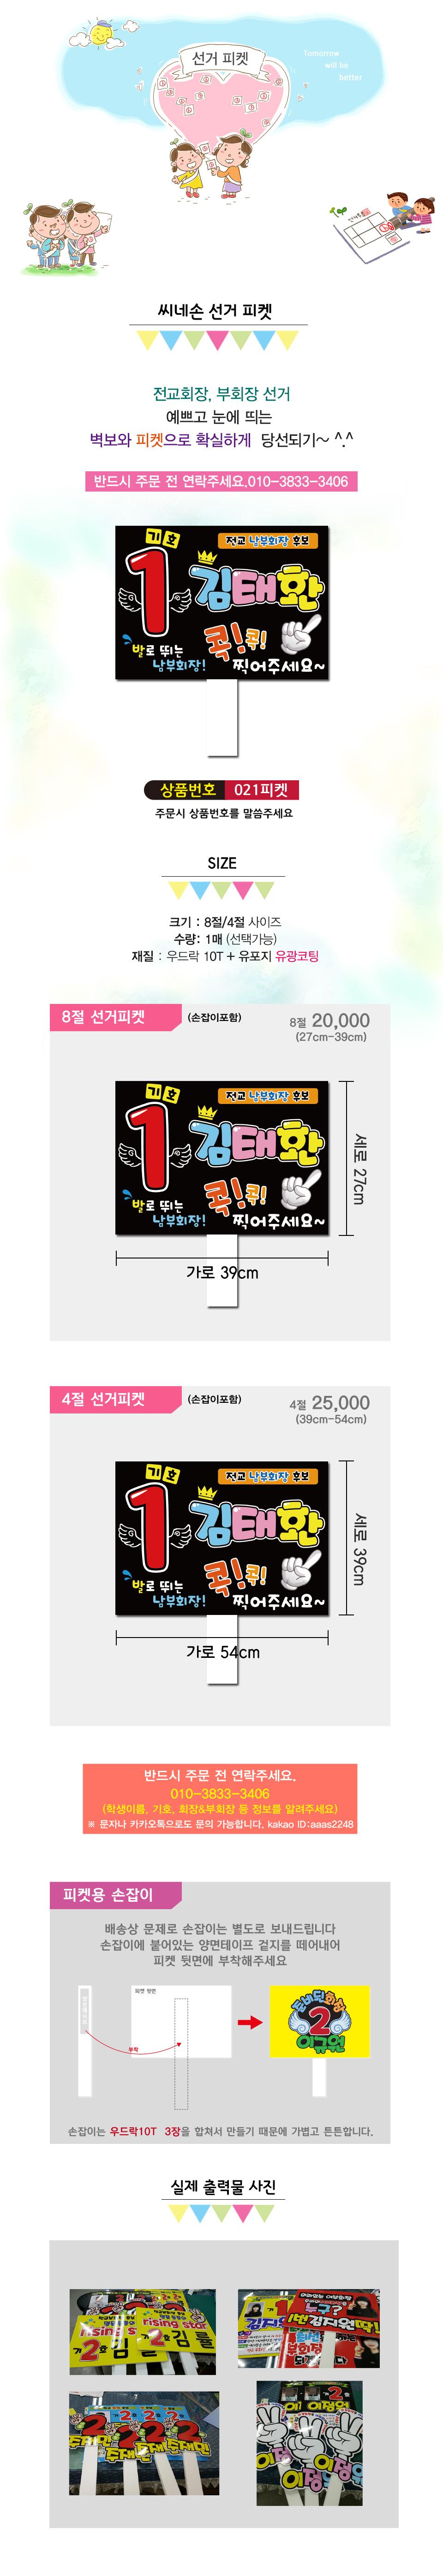 전교회장 부회장 선거피켓 21 - 씨네손, 20,000원, 문패/보드, 아크릴문패